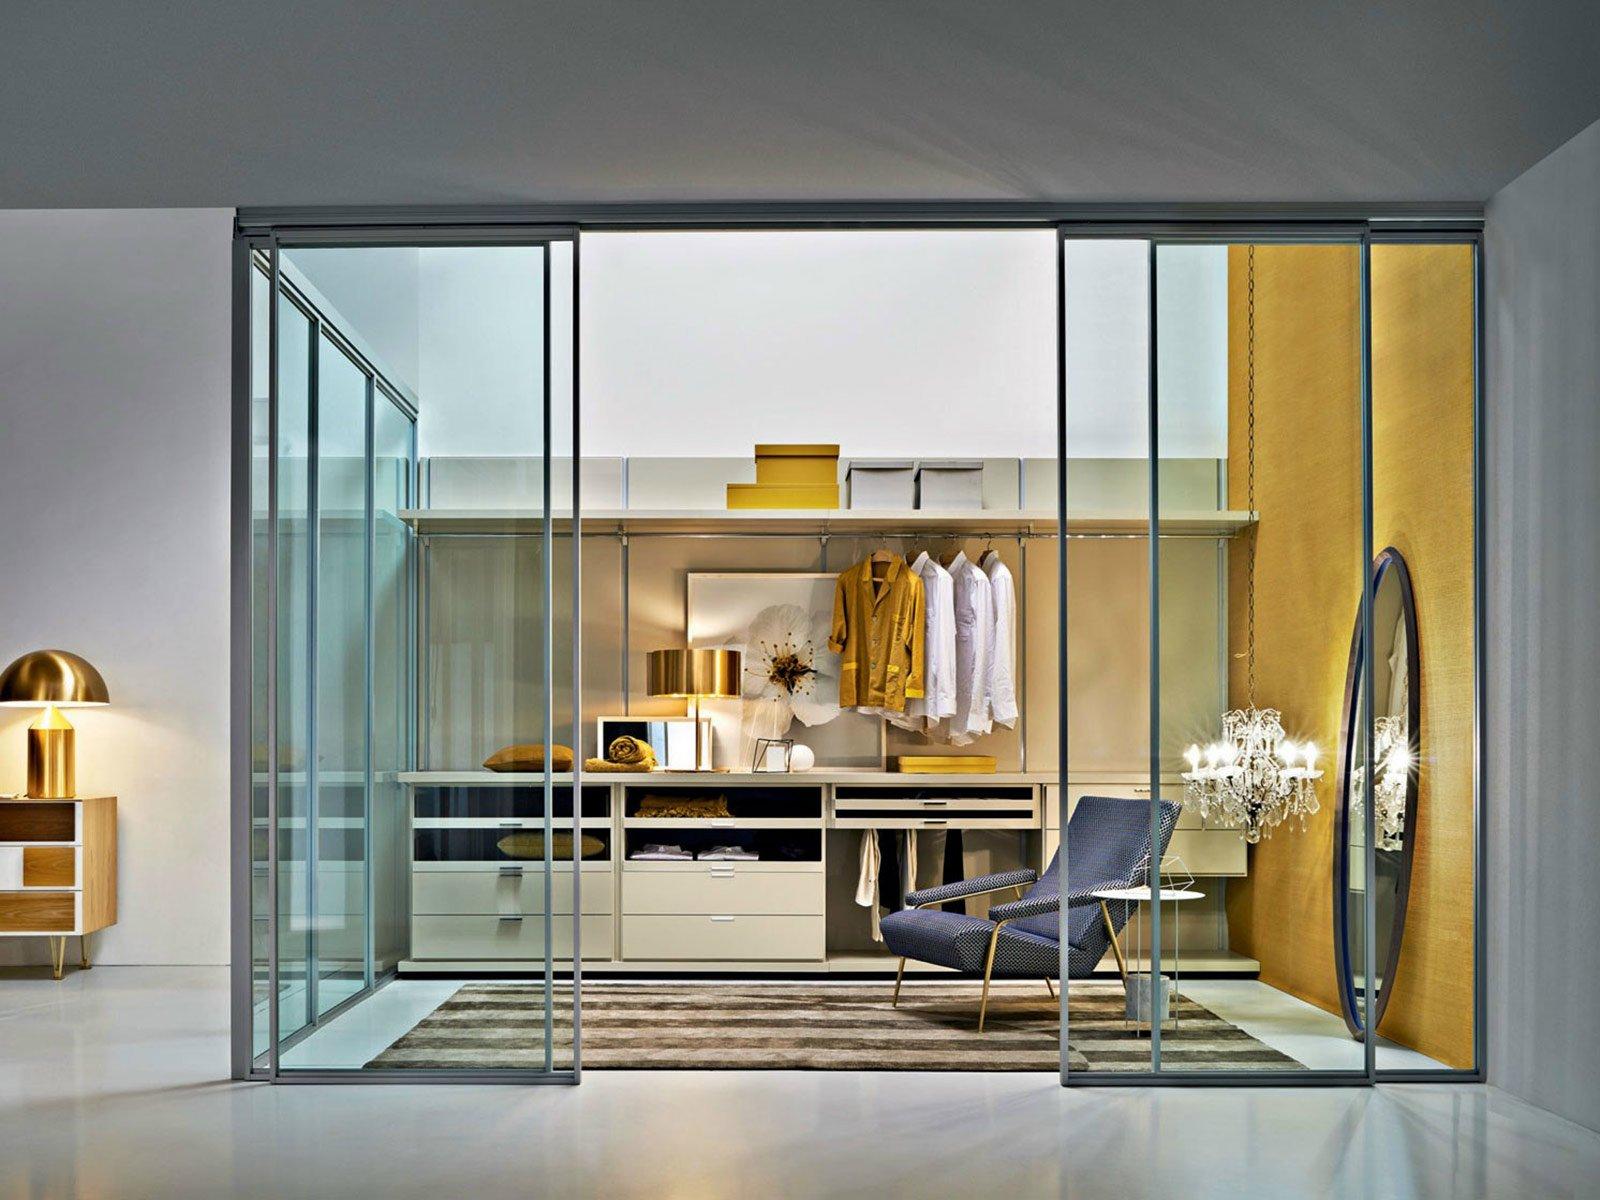 cabine armadio. progettiamo insieme lo spazio - cose di casa - Idee Di Cabine Armadio In Cartongesso